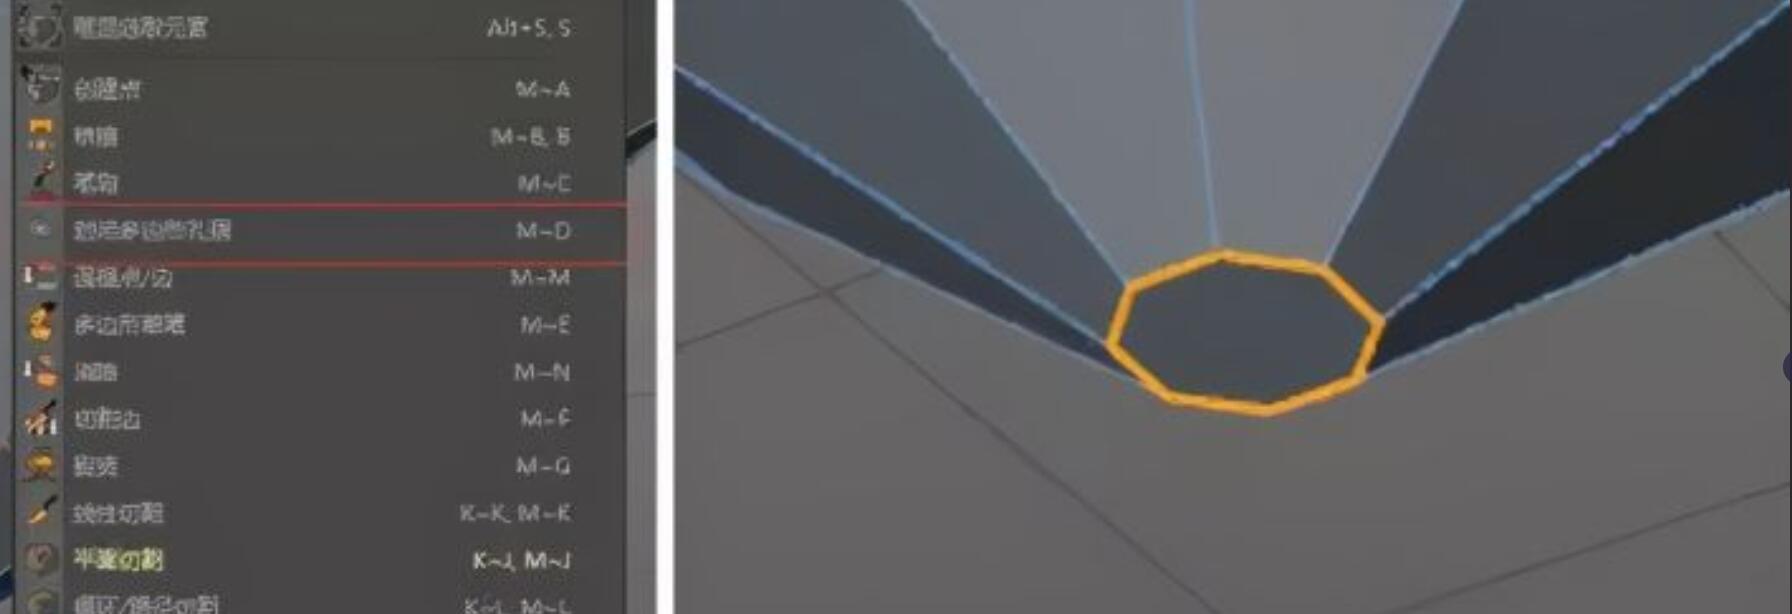 待改-C4D用材质和渲染焦散制作钻石建模(11)